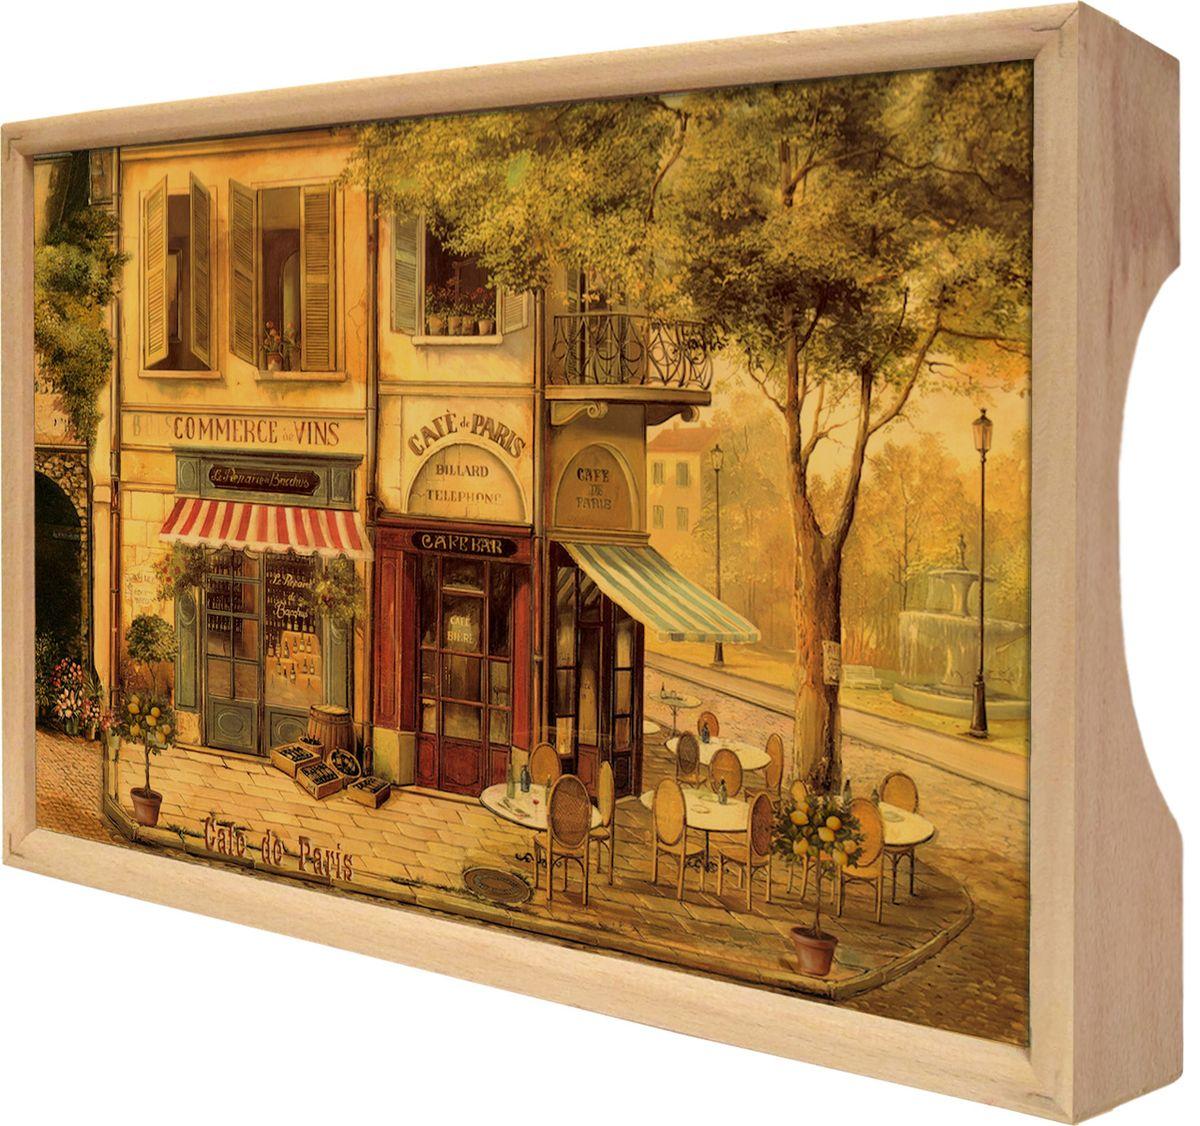 Поднос GiftnHome Парижское кафе, 25 х 37,5 смTR-CafeПоднос GiftnHome Парижское кафе изготовлен из бука - благородной породы древесины. Это крепкий, экологичный и надежный материал, который идеально подходит для производства подносов. Изделие прекрасно перенесет длительную эксплуатацию и надолго сохранит свой шарм древесной структуры и природные качества. Поднос - это великолепное решение для подарка и истинный комплимент вашим любимым и близким людям. С ним вы с легкостью сможете подать кофе, завтрак в постель или вынести на веранду гостям закуски и фрукты. Помимо функциональной пользы, данное изделие изысканно дополнит интерьер помещения и внесет уют в домашнее пространство. Нанесенные на поднос дизайнерские принты от Креативной Студии АнтониоК делают изделие уникальным.